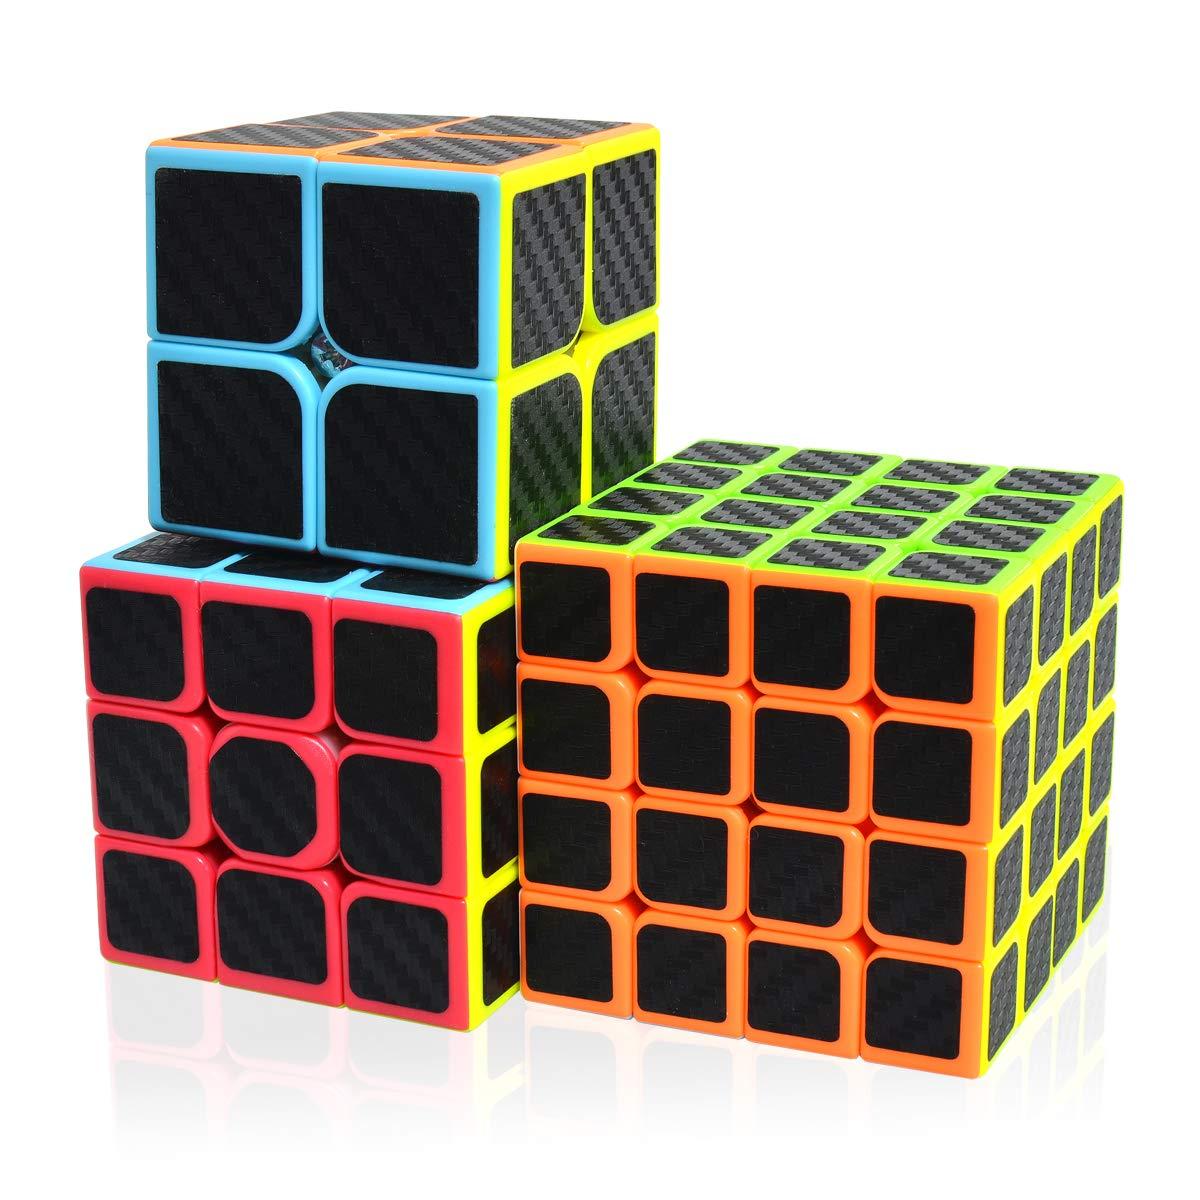 Maomaoyu Cubo Magico Pack, Speed Cube 3x3+2x2+4x4, Cubo de la Velocidad Fibra De Carbono Caja de Regalo de 3 Piezas Set Negro: Amazon.es: Juguetes y juegos